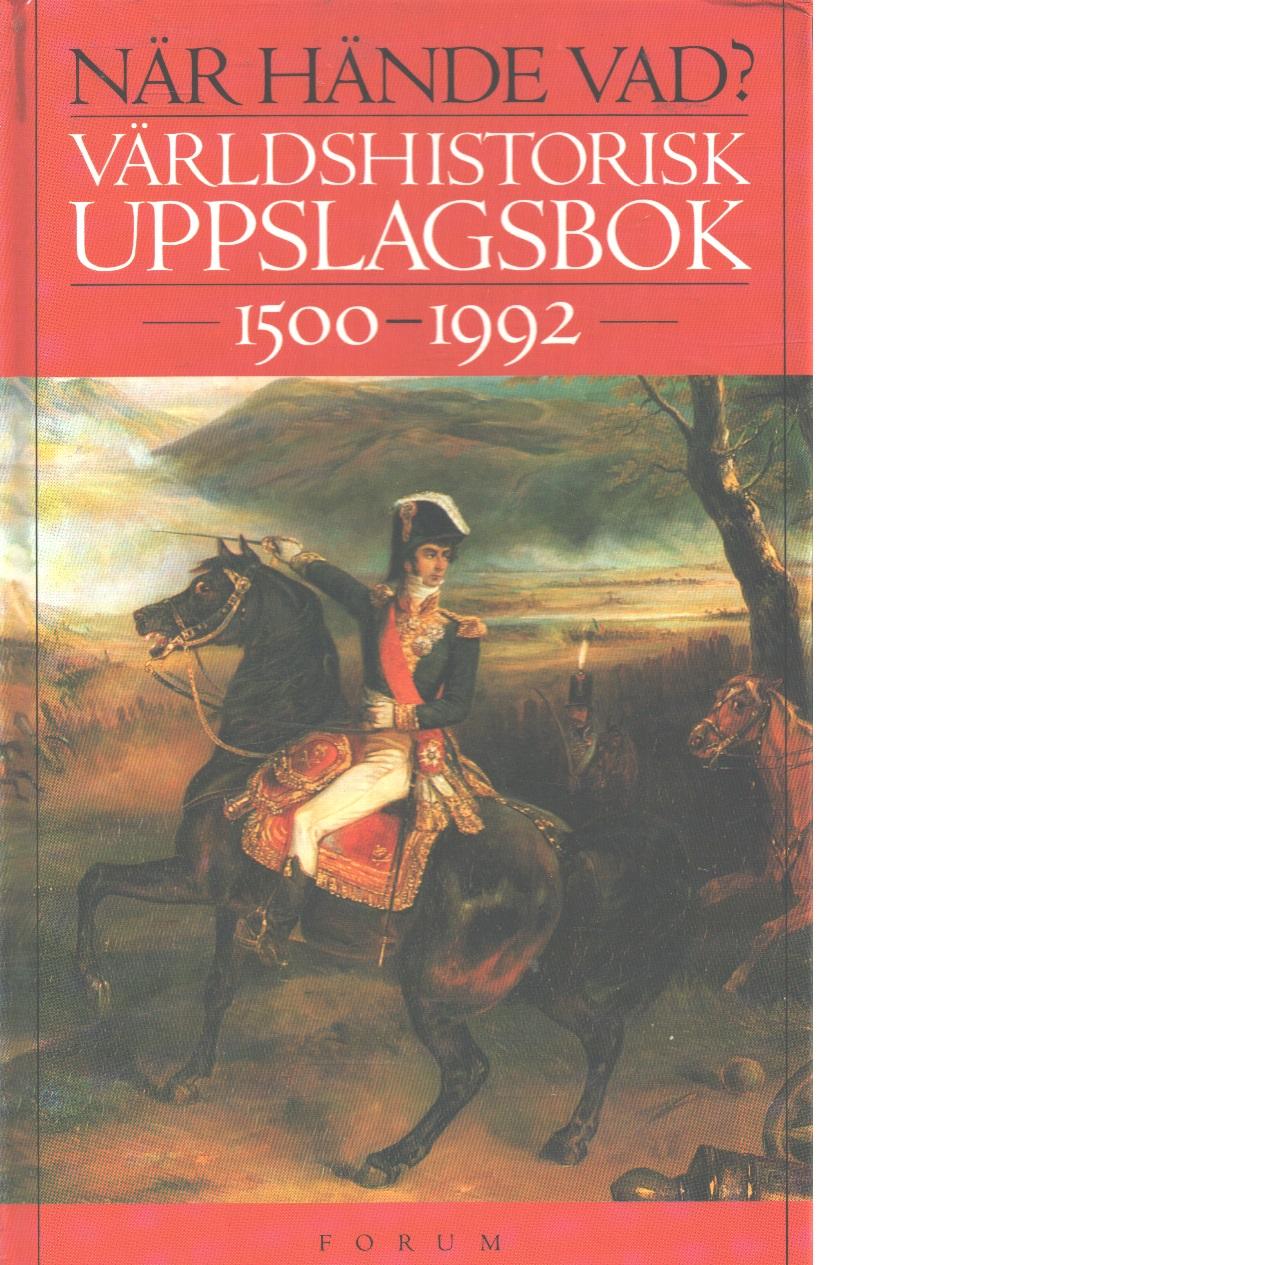 När hände vad? : världshistorisk uppslagsbok 1500-1992 - Petersen, Kai